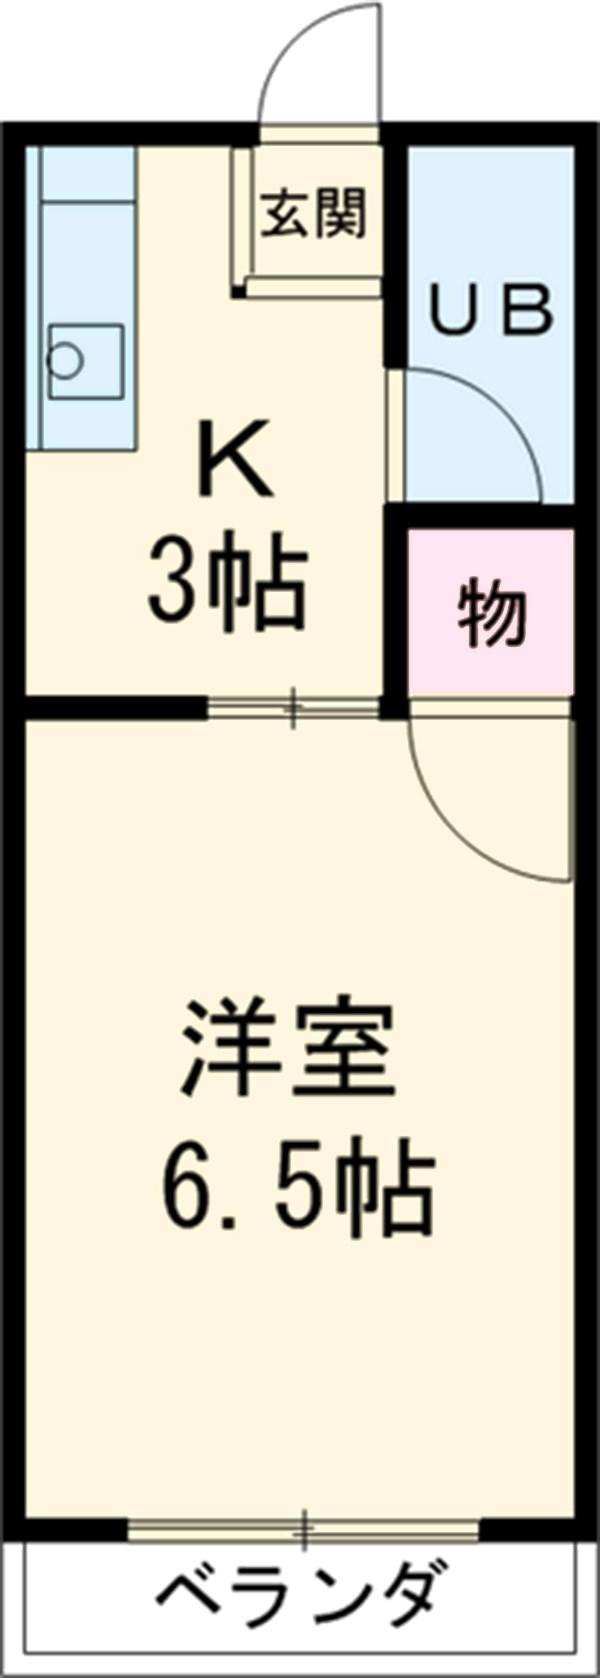 リードワン新川・302号室の間取り